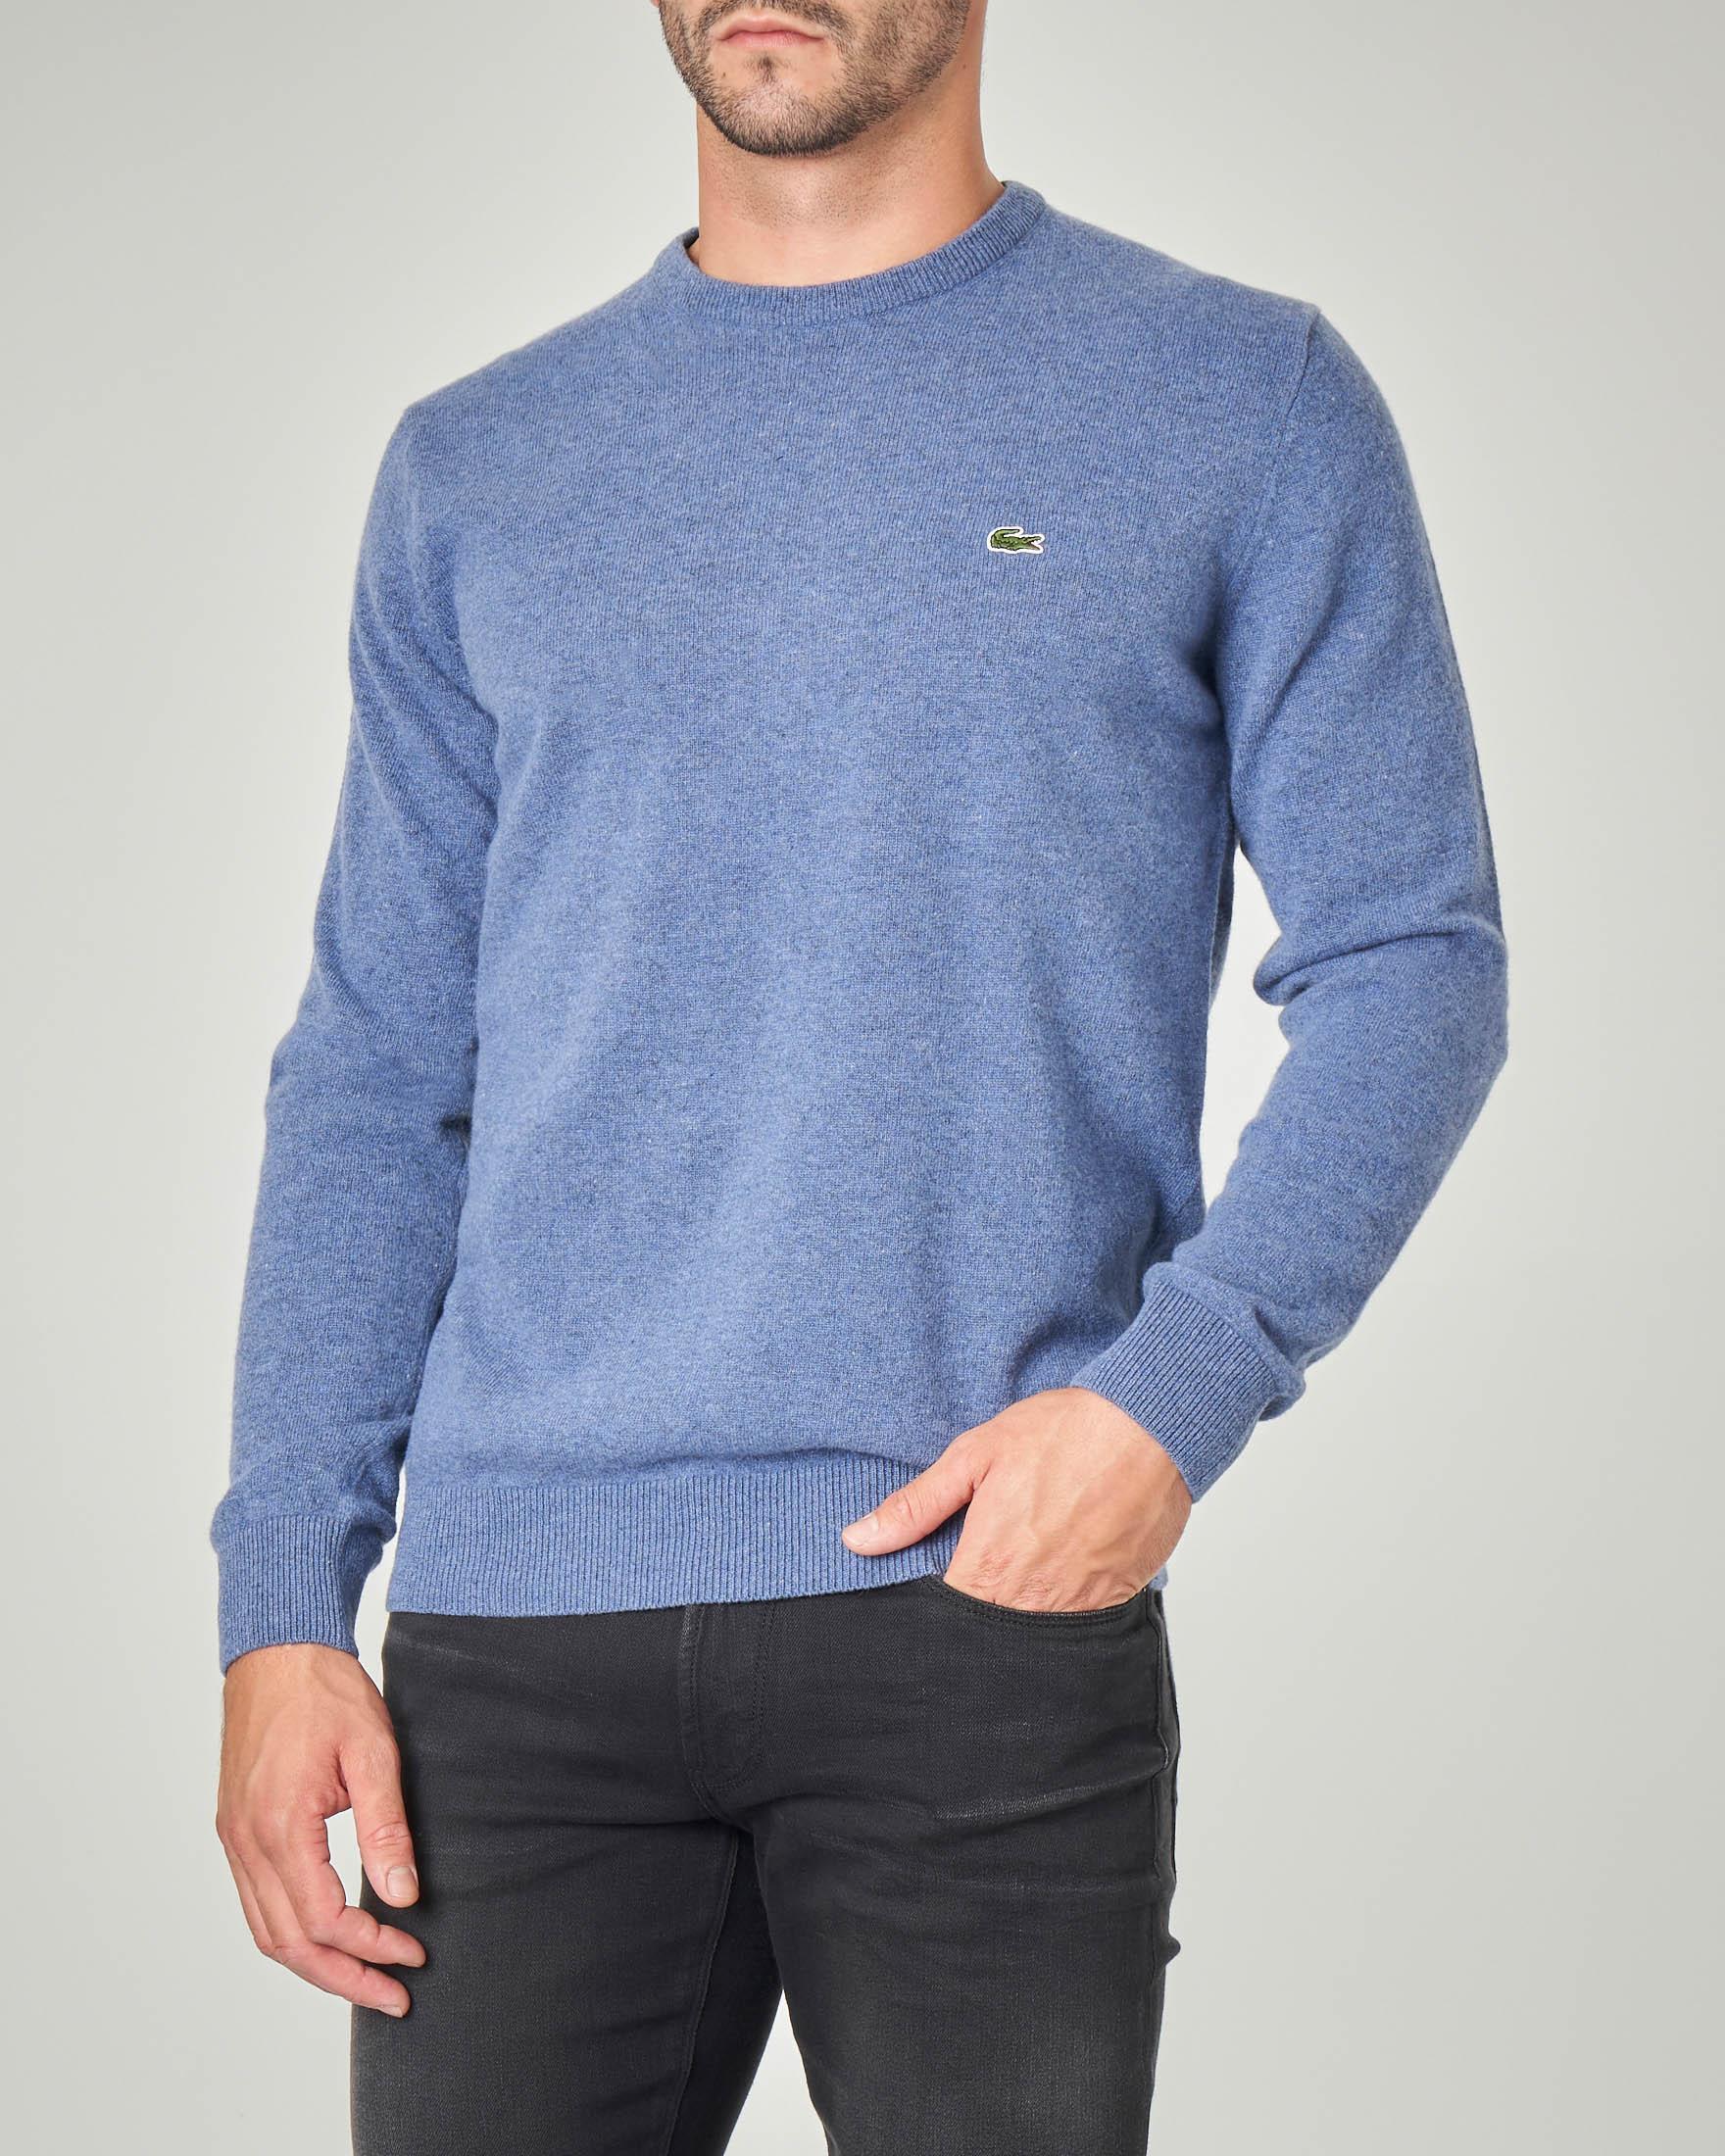 Maglia azzurra girocollo in pura lana